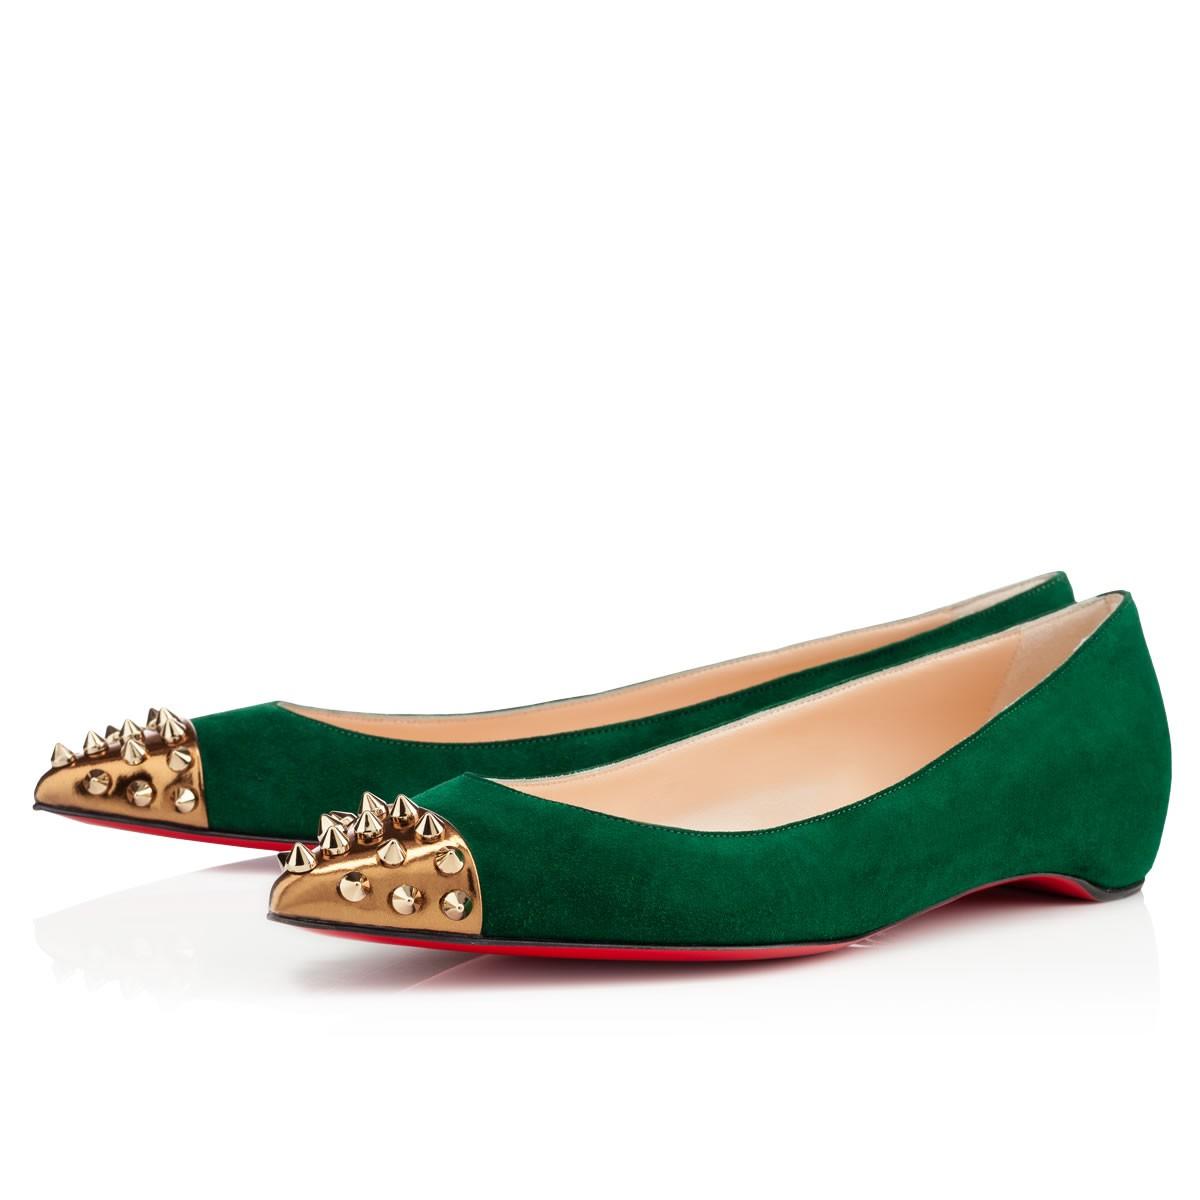 Pin by GTL on Celebrity news   Pinterest   Celebrity shoes ...